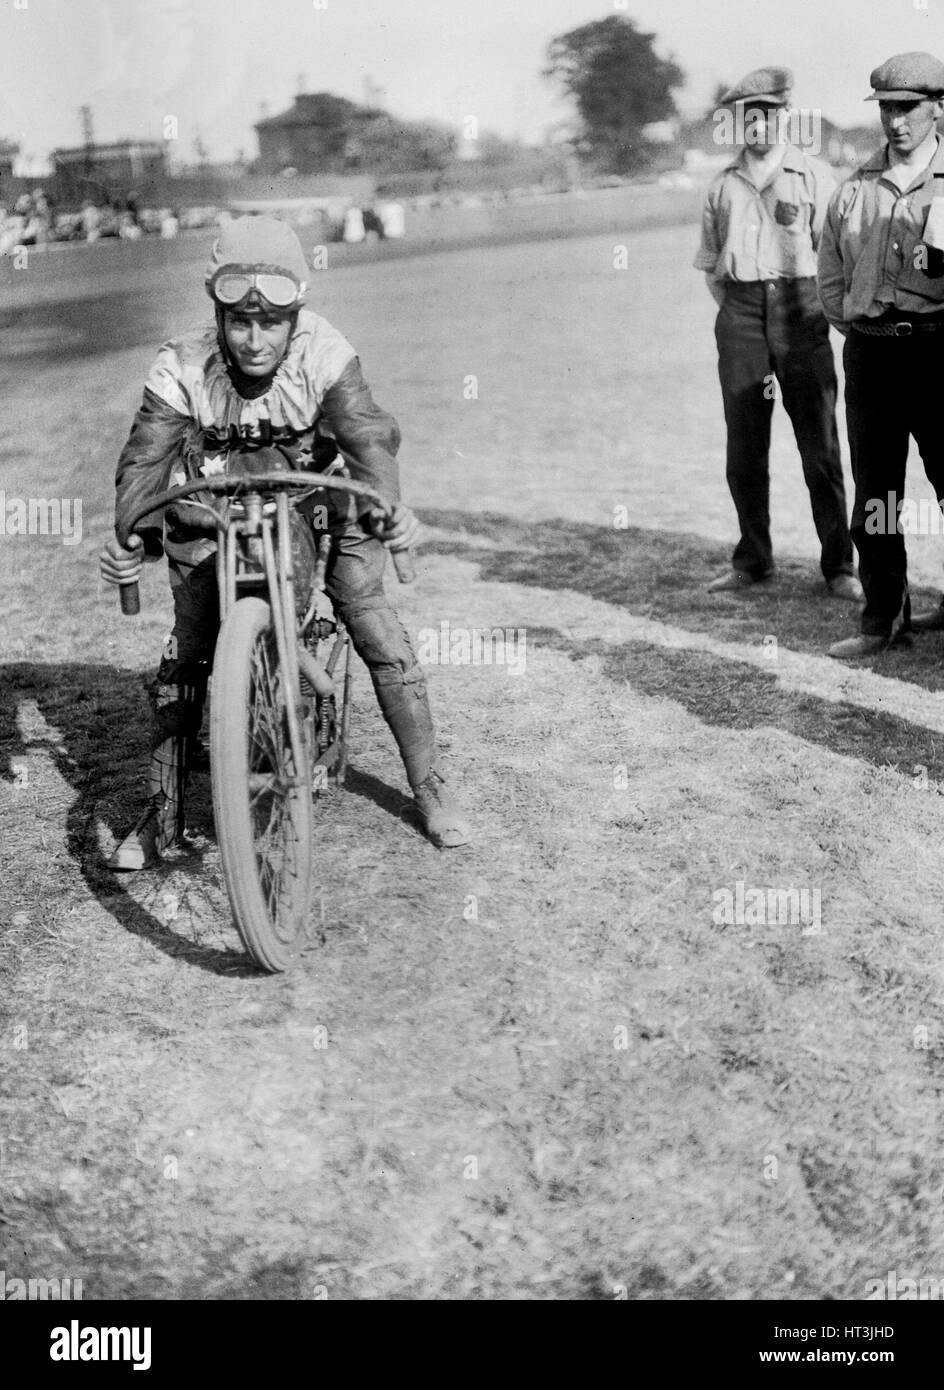 American speedway rider Pecha arte en su Harley-Davidson, Lea Bridge Stadium, Leyton, Londres, 1928. Artista: Bill Imagen De Stock